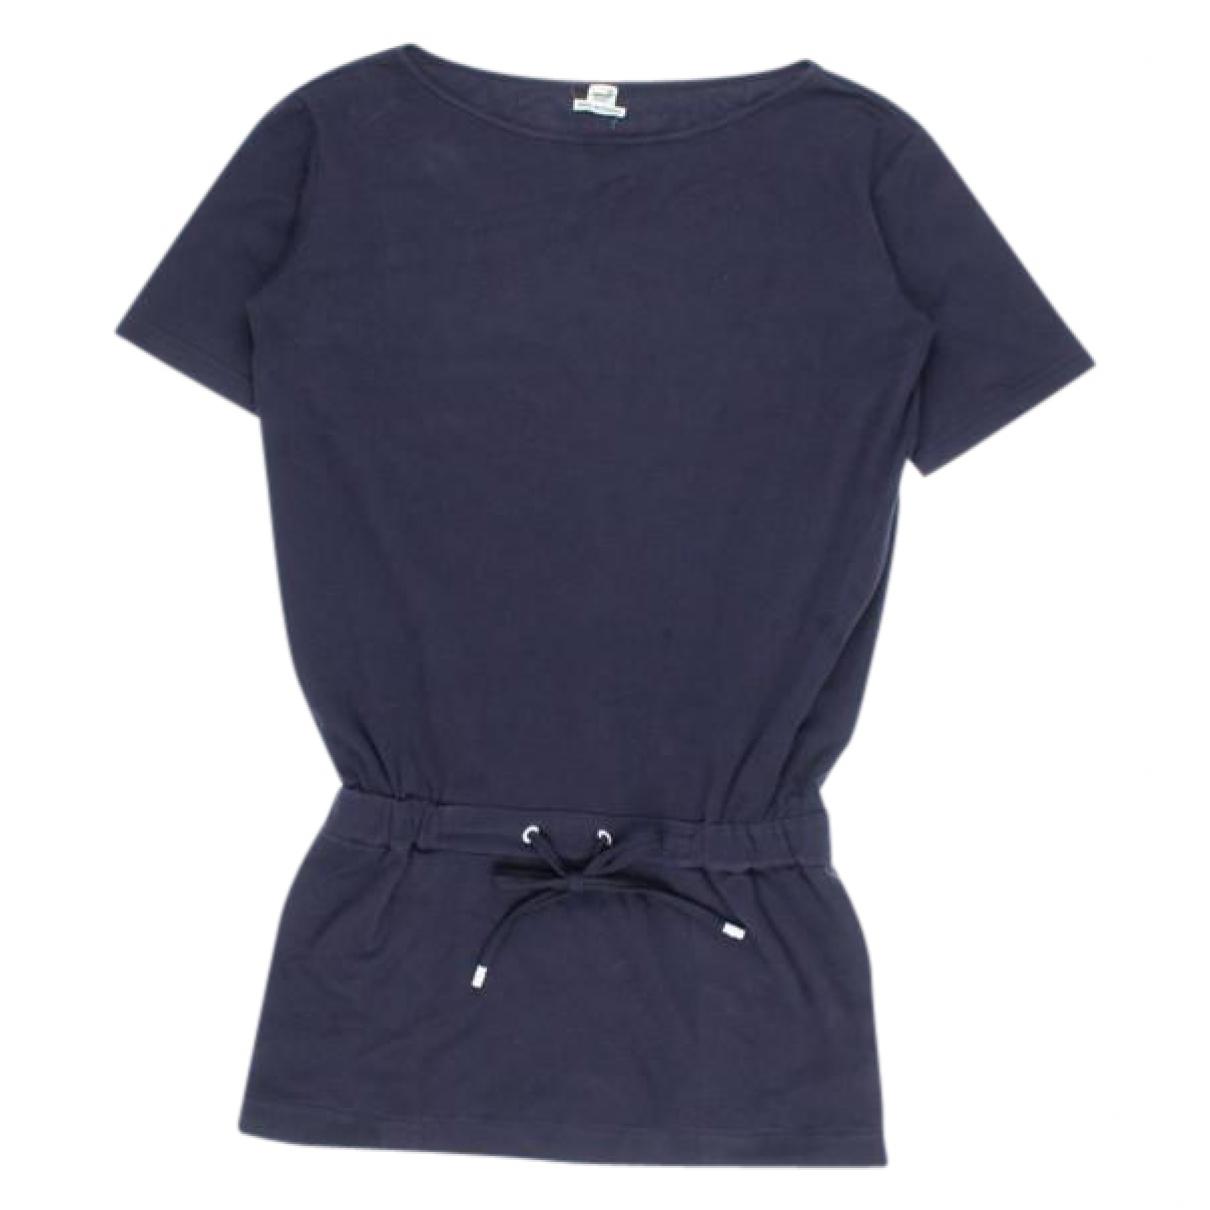 Hermes - Pull   pour femme en coton - marine